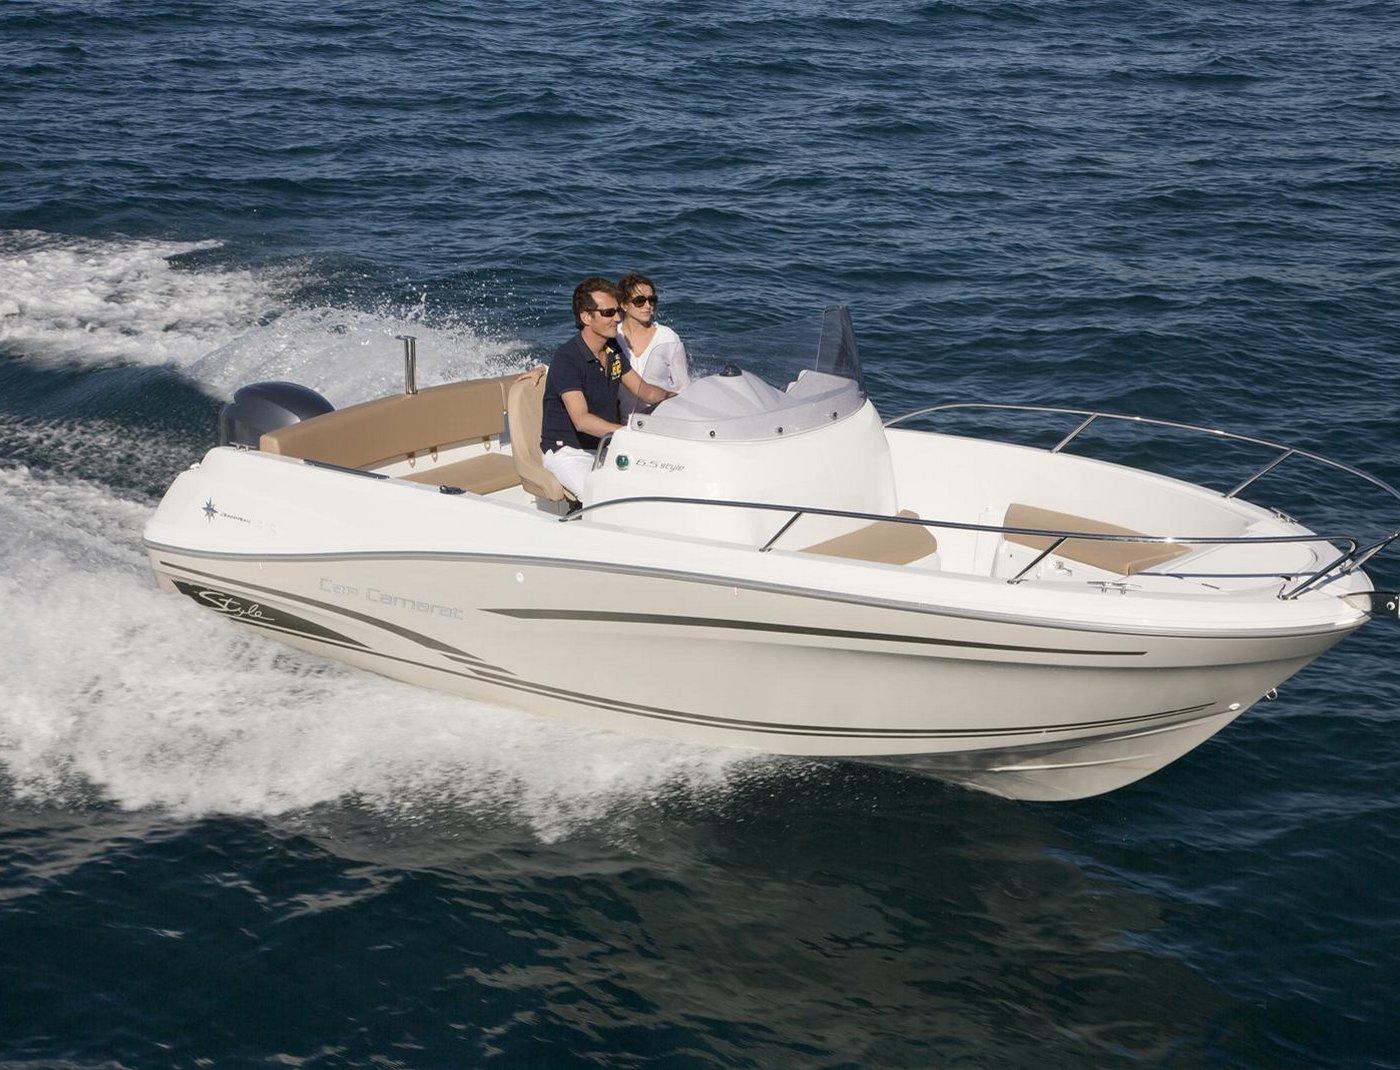 location de bateau moteur et semi rigides la londe les. Black Bedroom Furniture Sets. Home Design Ideas